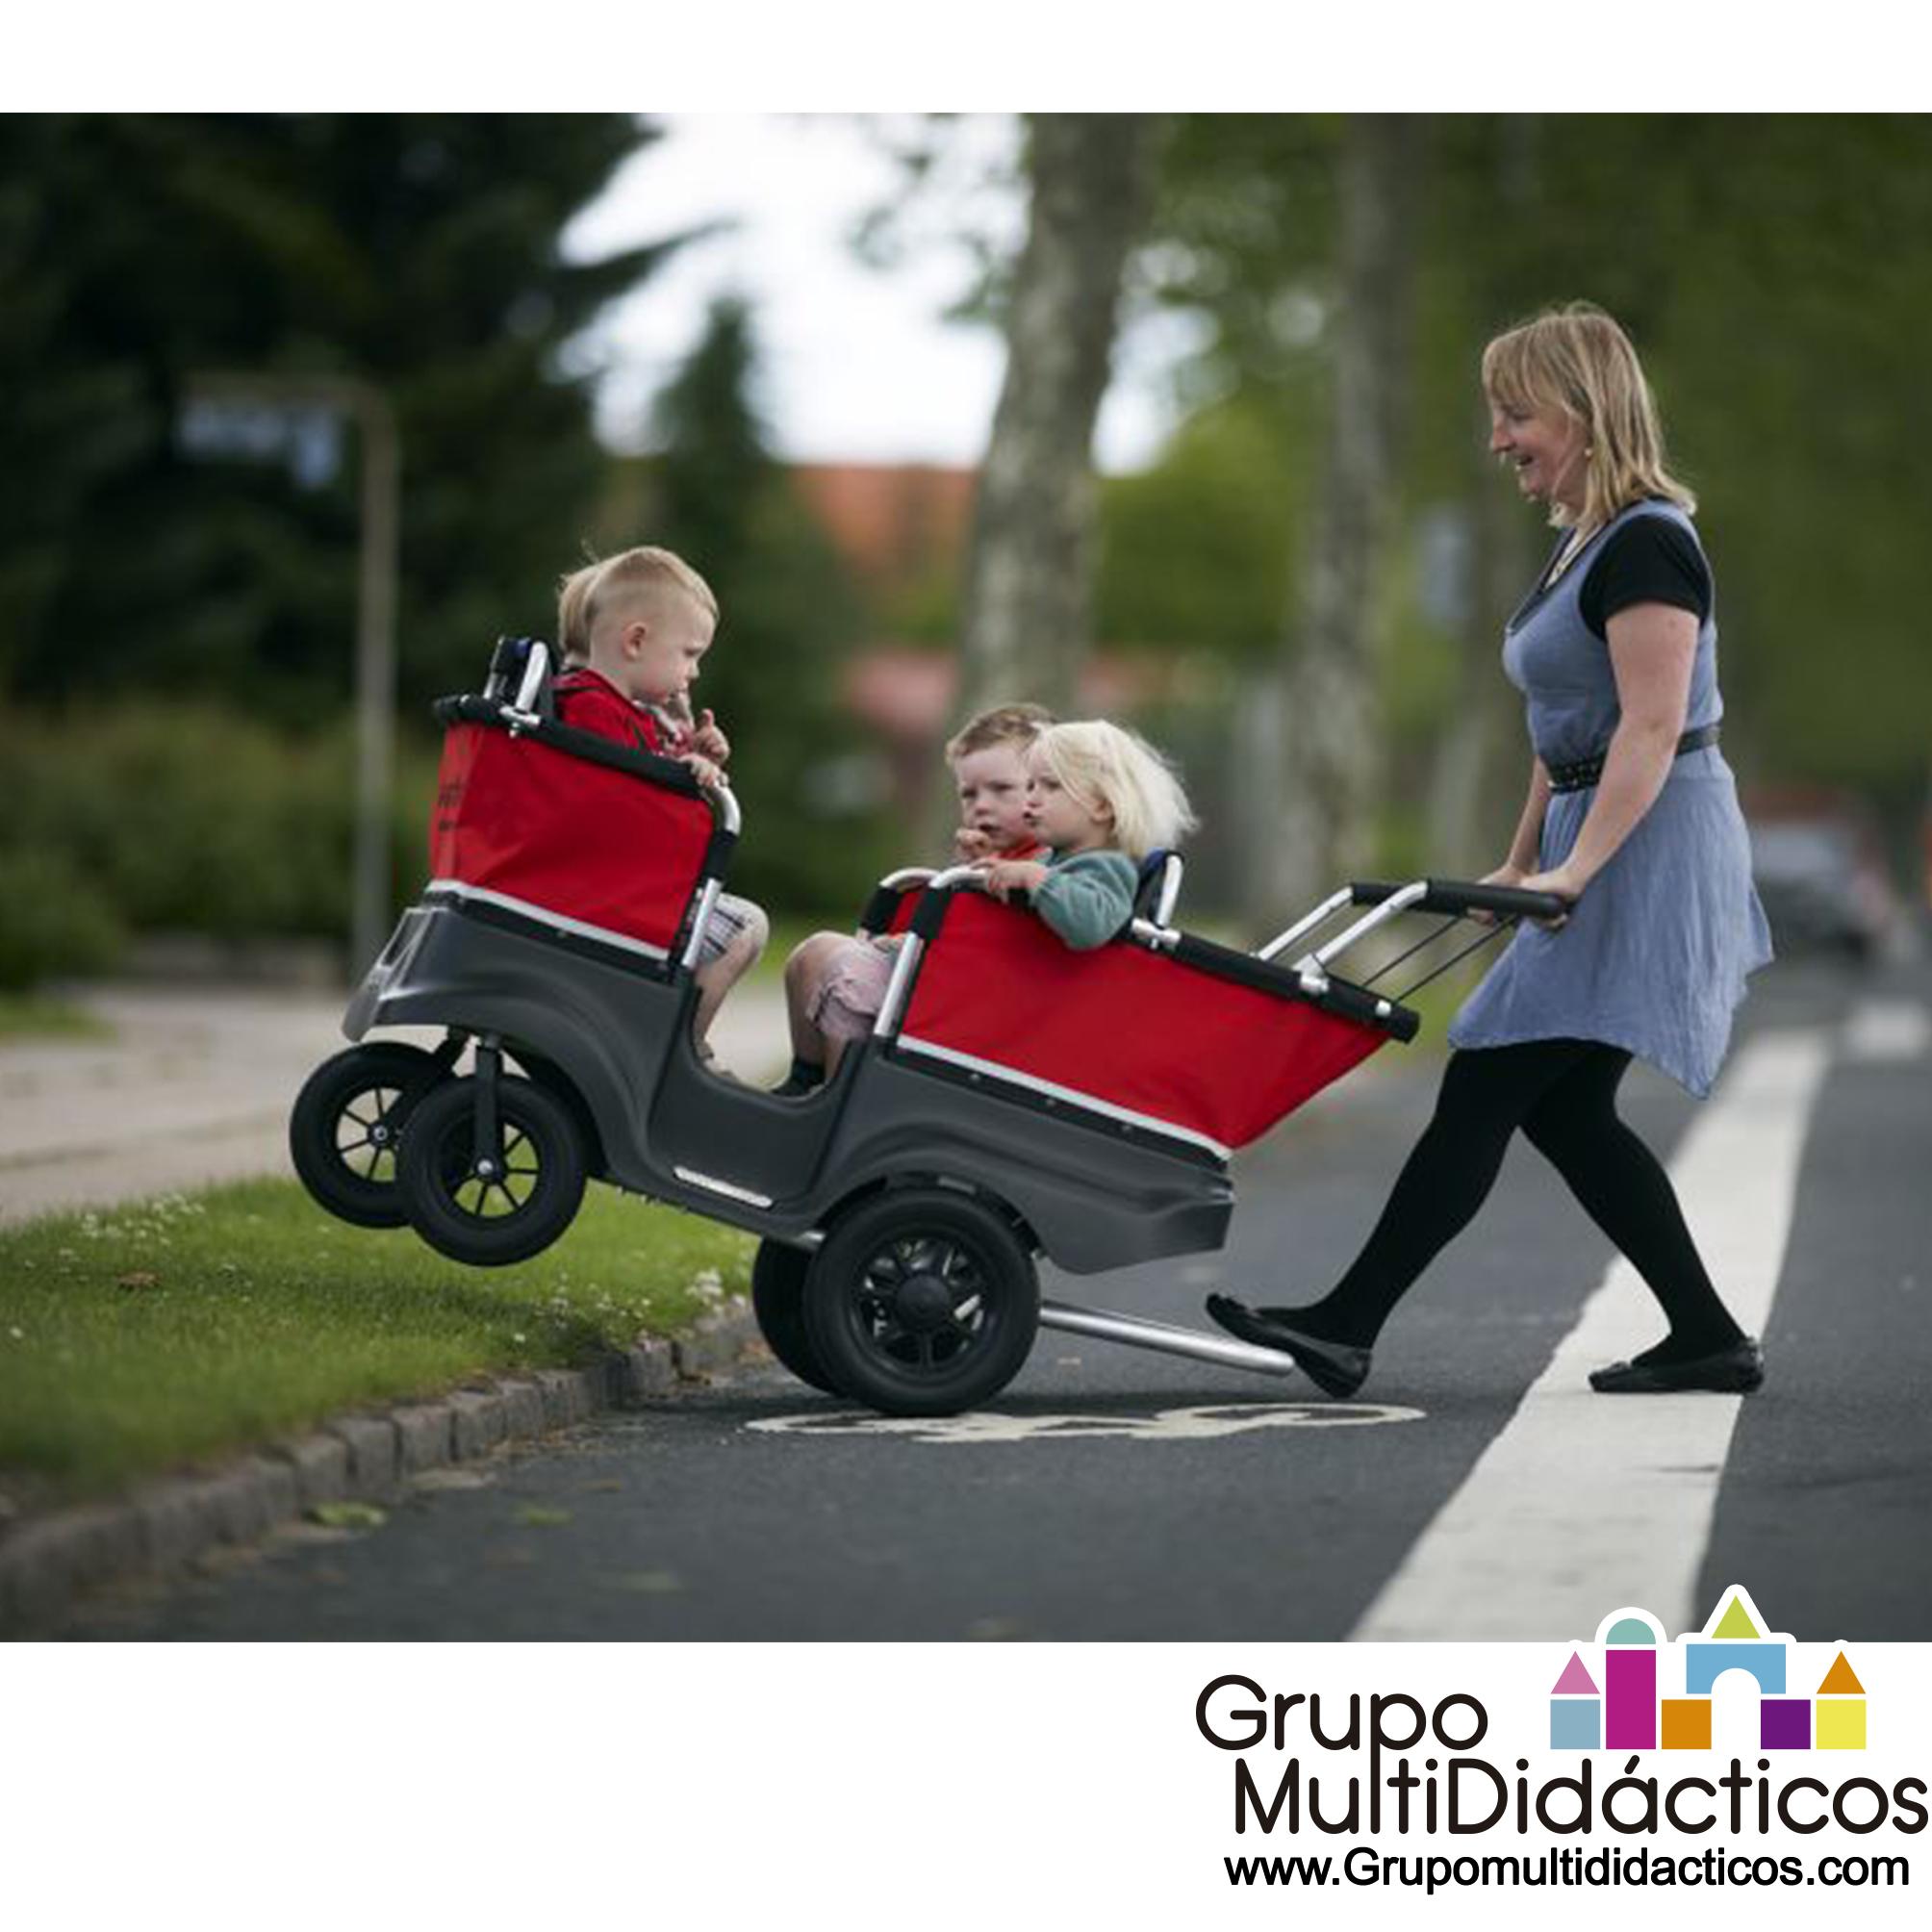 https://multididacticos.com/images/productos/peq/carro%20guarderia%207b.jpg